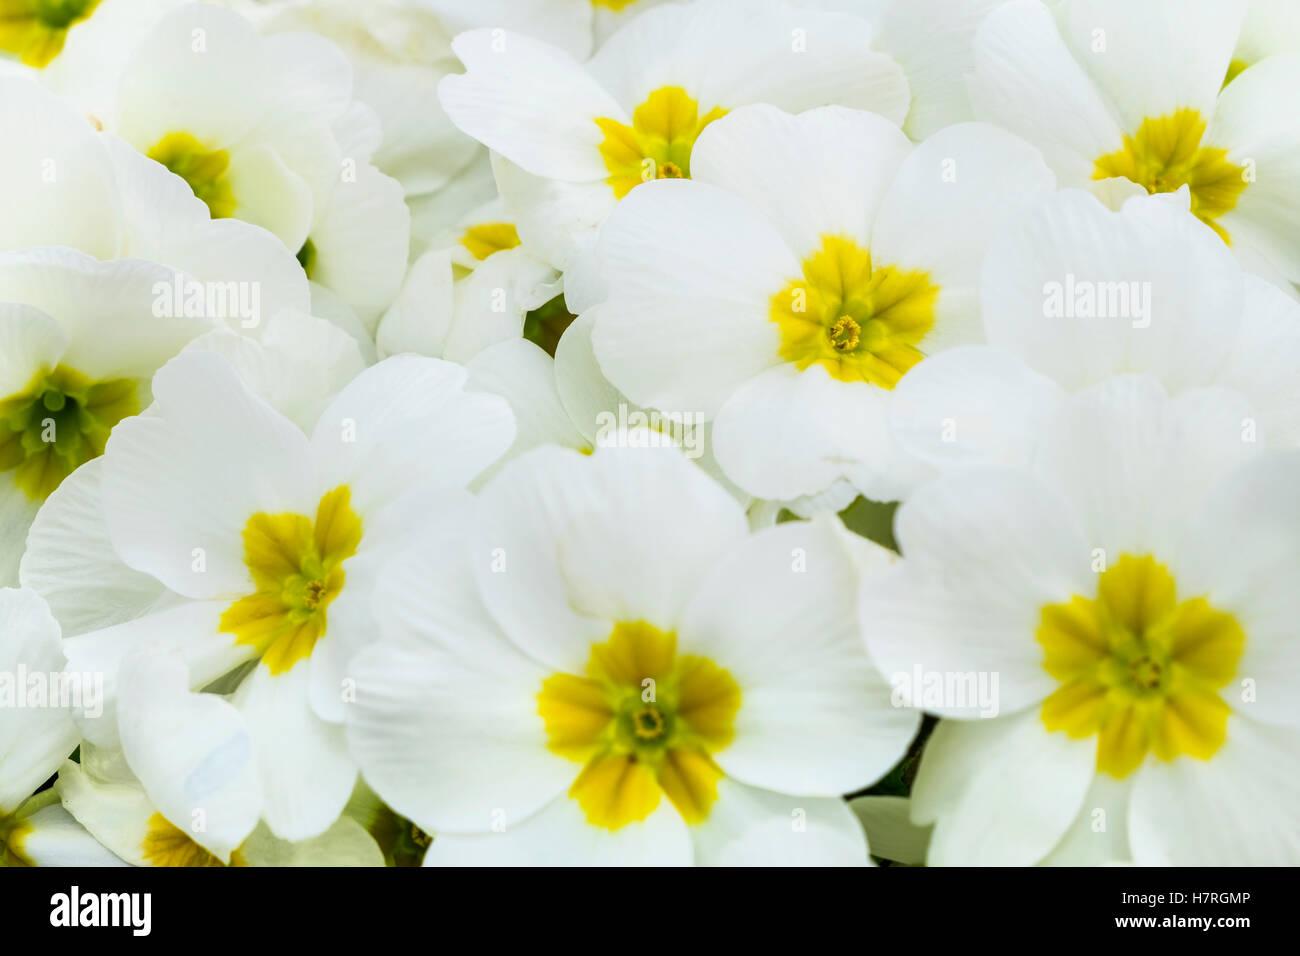 White And Yellow Flowers In The Dublin Botanic Garden Dublin Stock